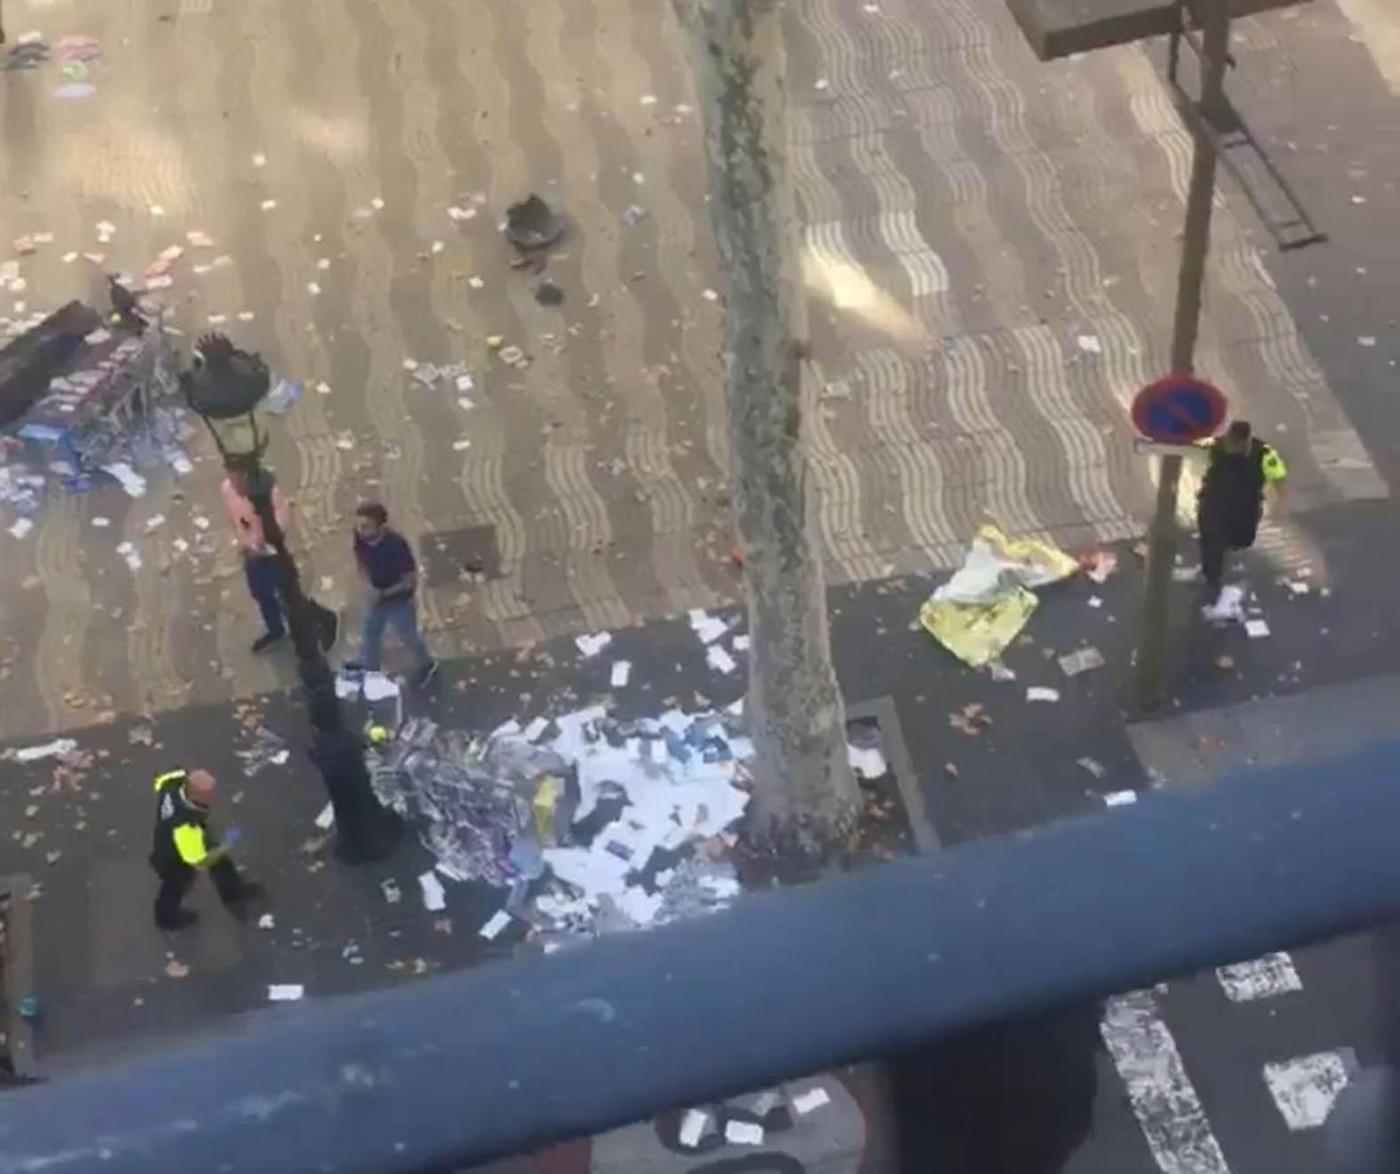 Attentato a Barcellona: tra le vittime anche un italiano